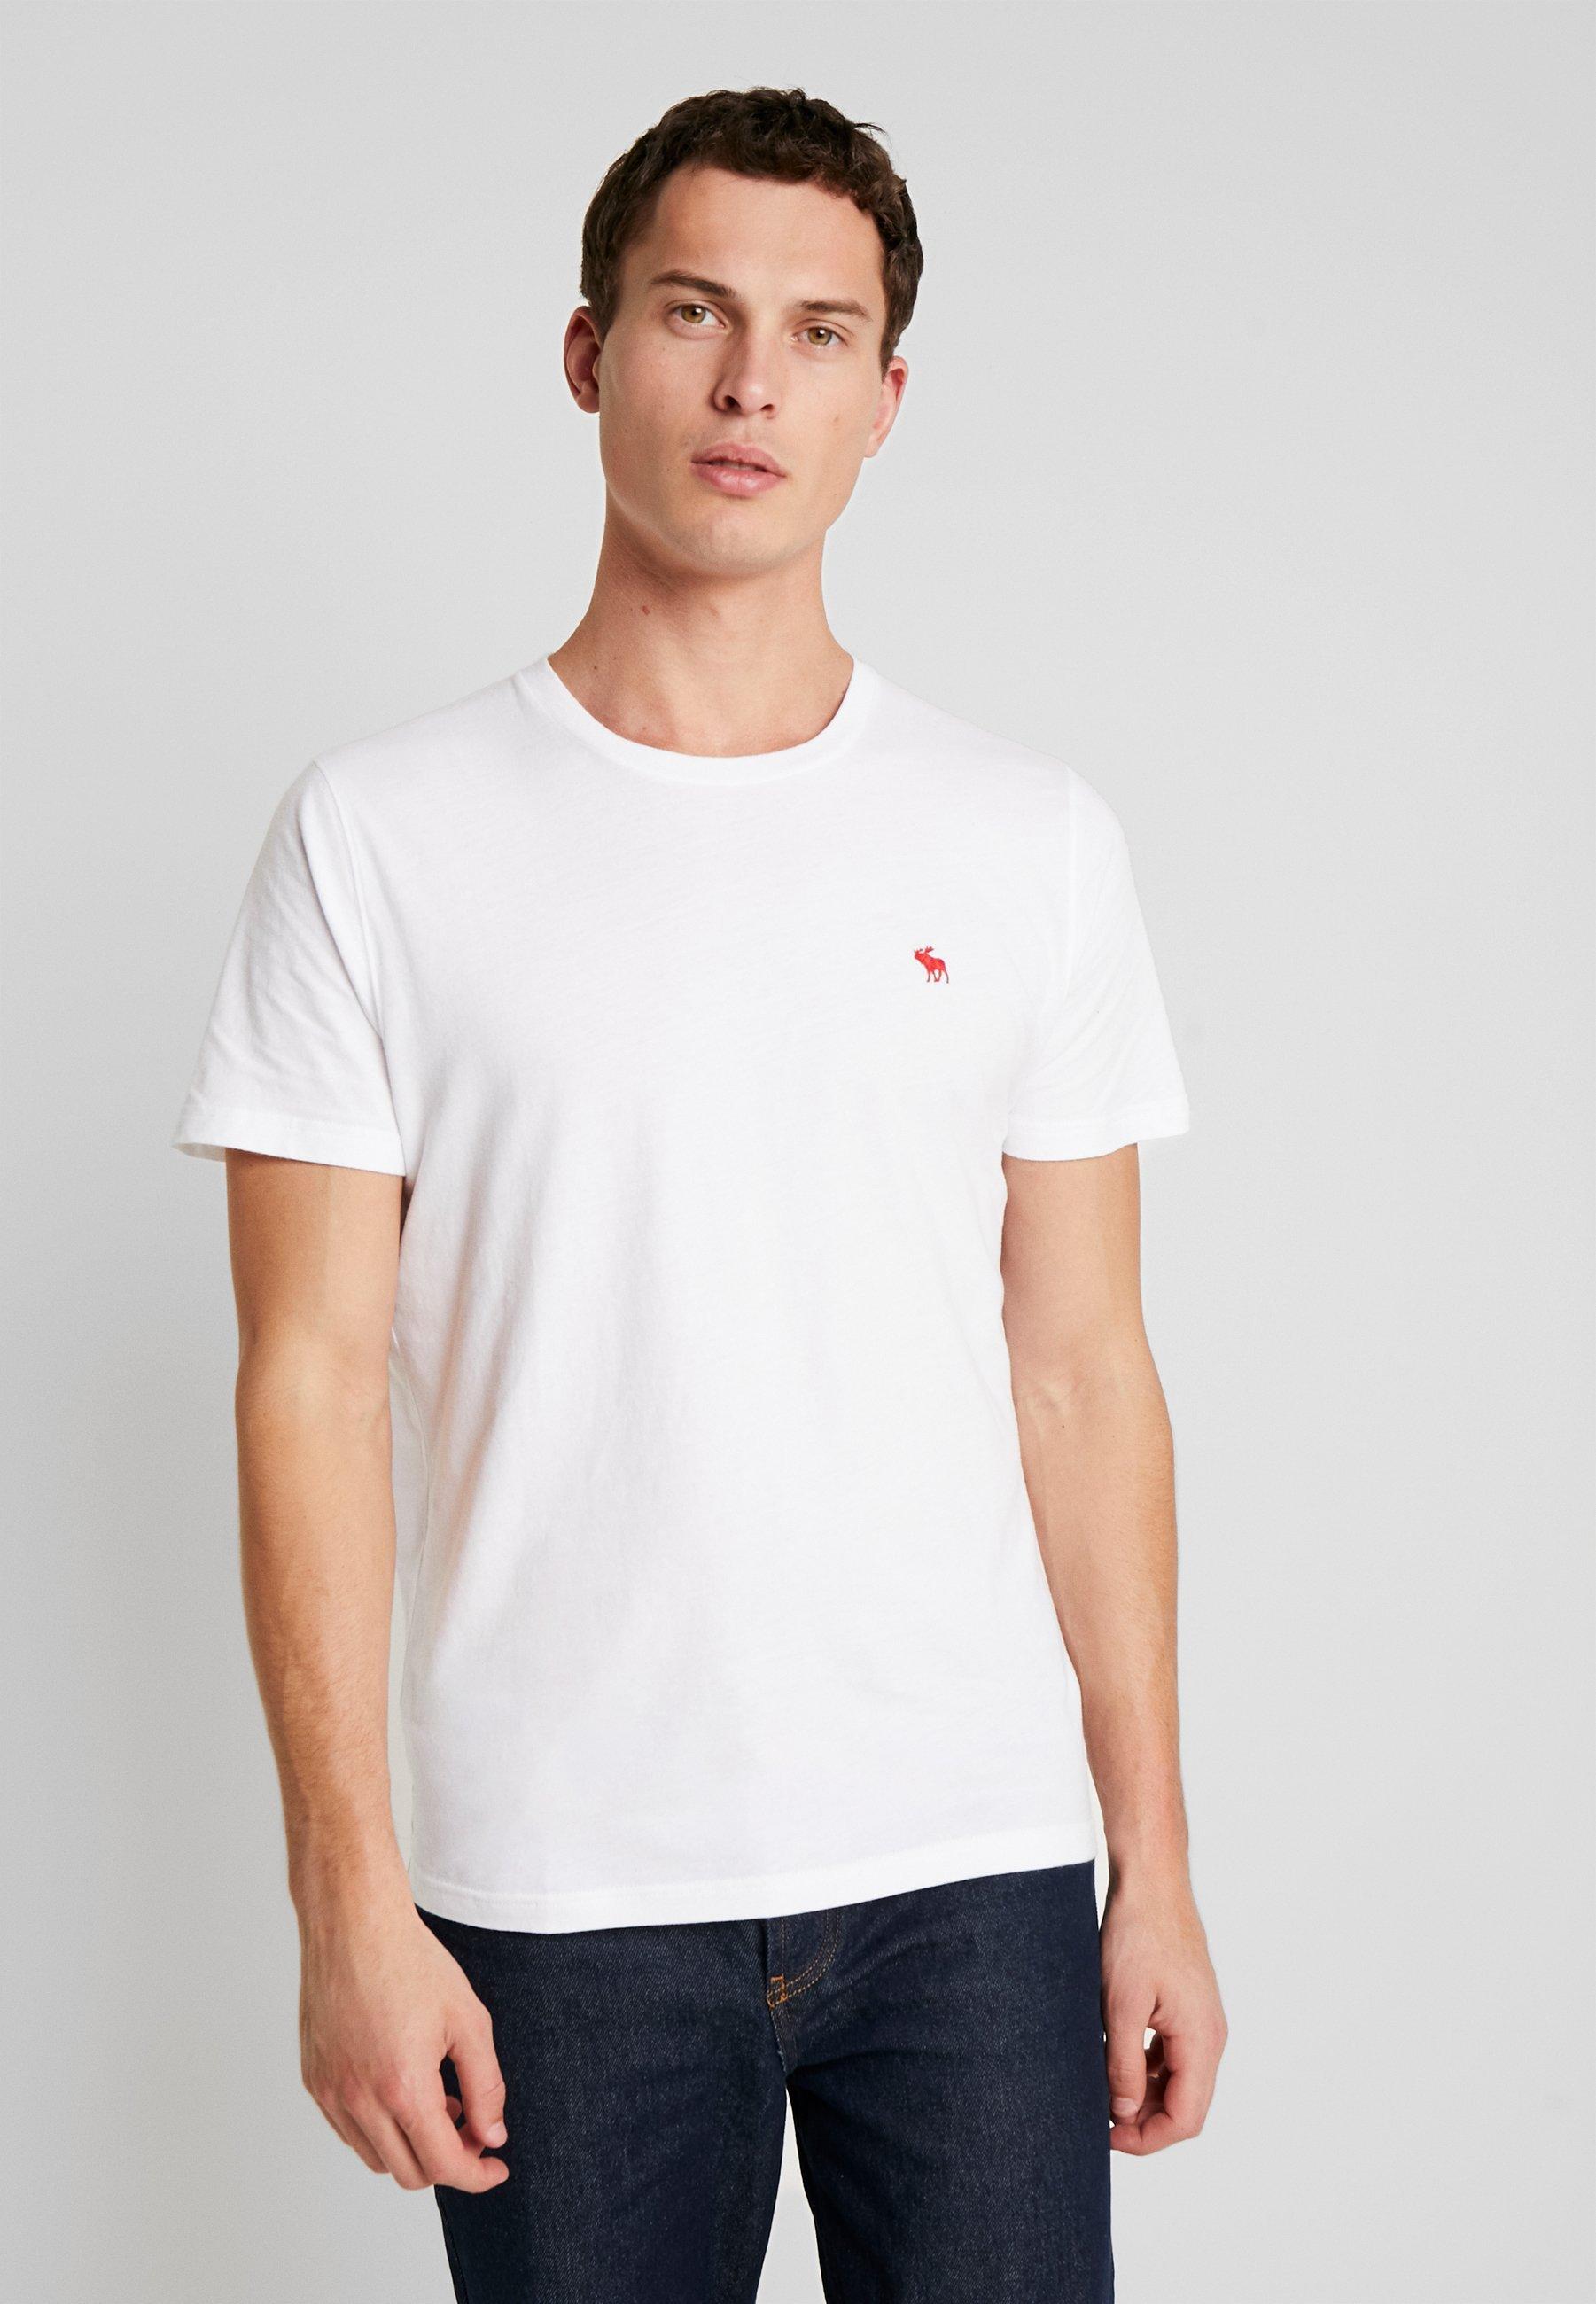 Abercrombie & Fitch POP ICON CREW  - T-shirt basic - white - Odzież męska Tani